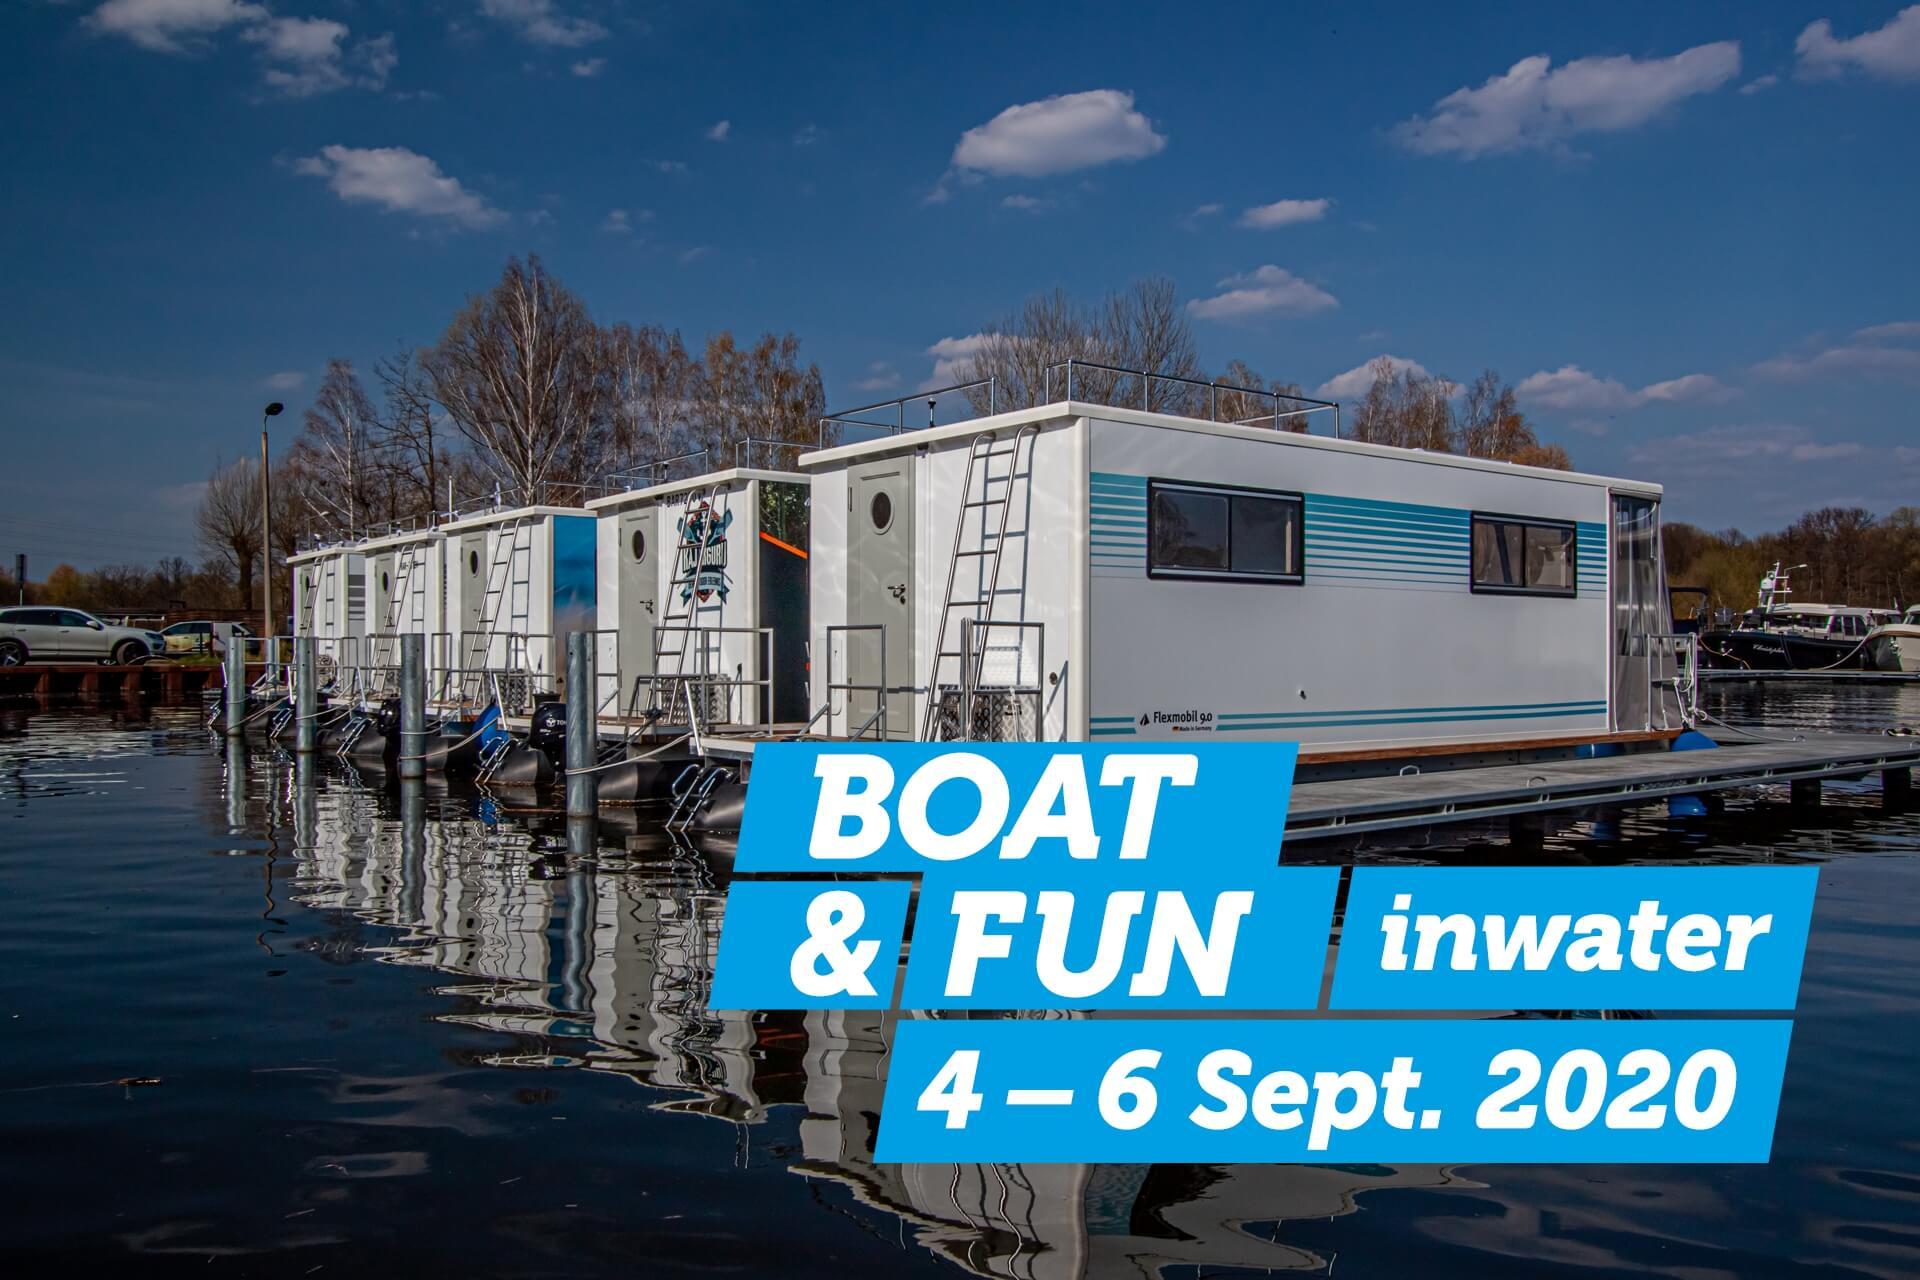 Boot & Fun inwater 2020